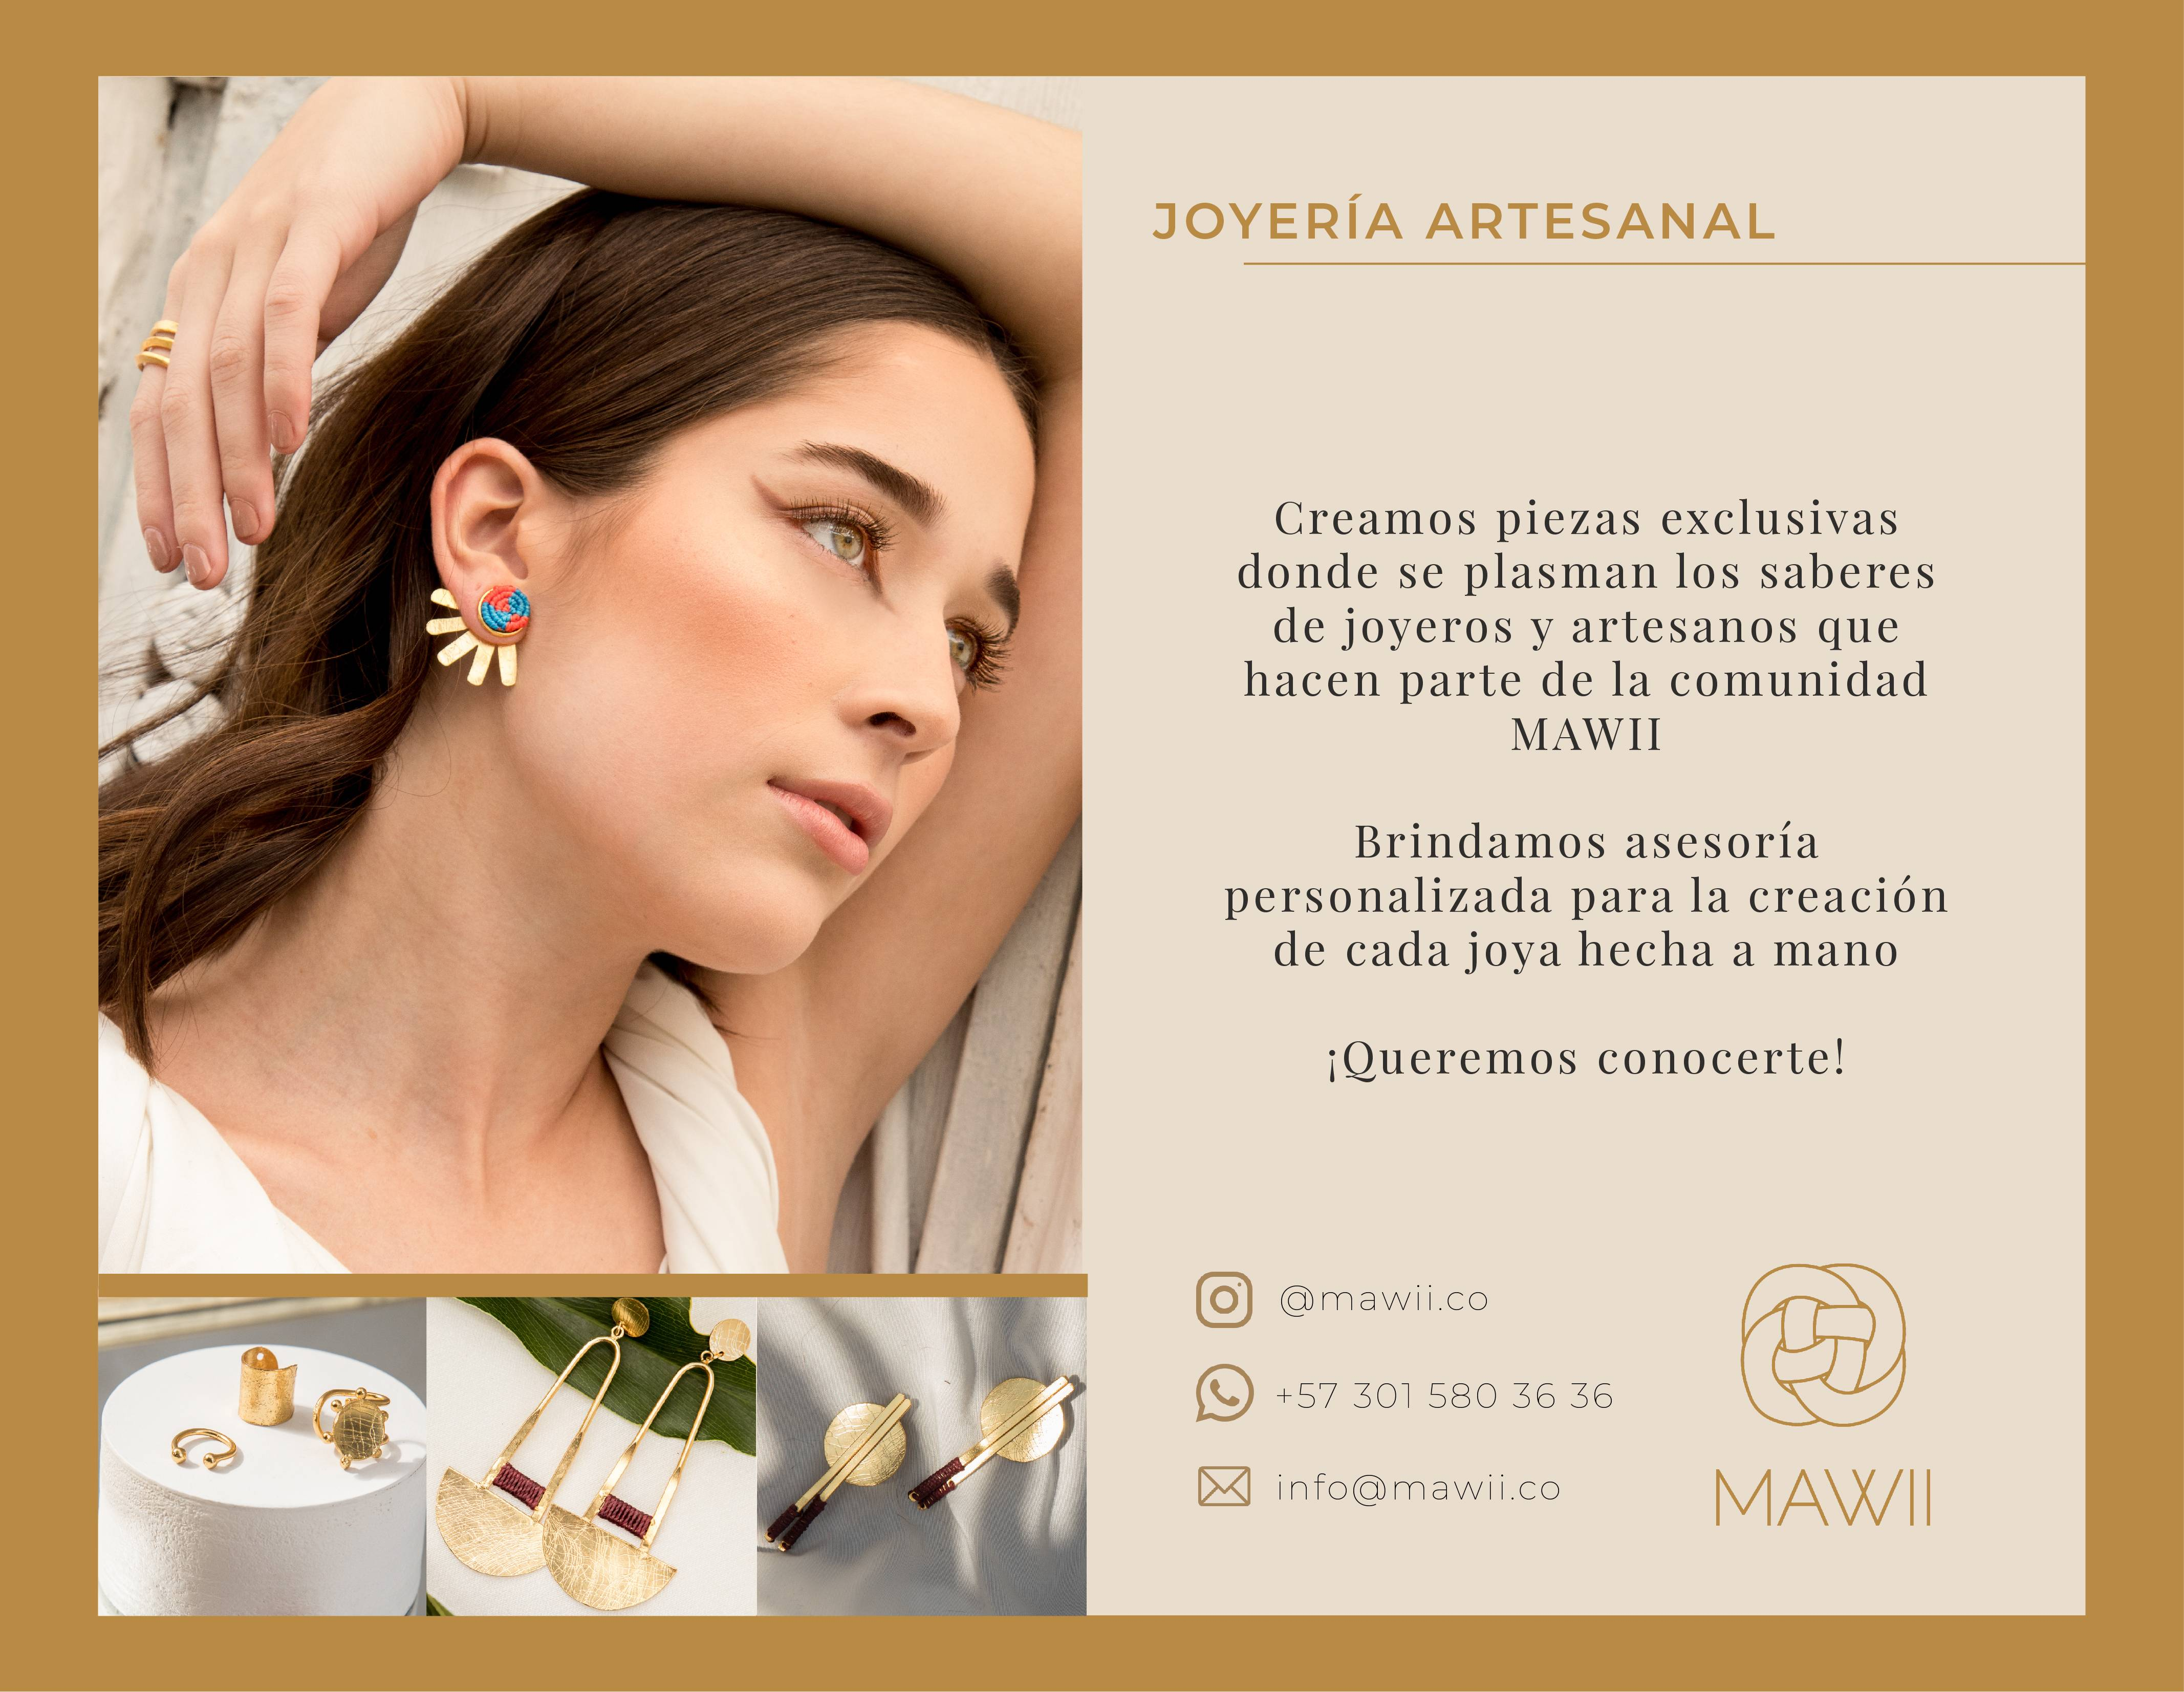 Mawii: Piezas exclusivas de joyeros y artesanos